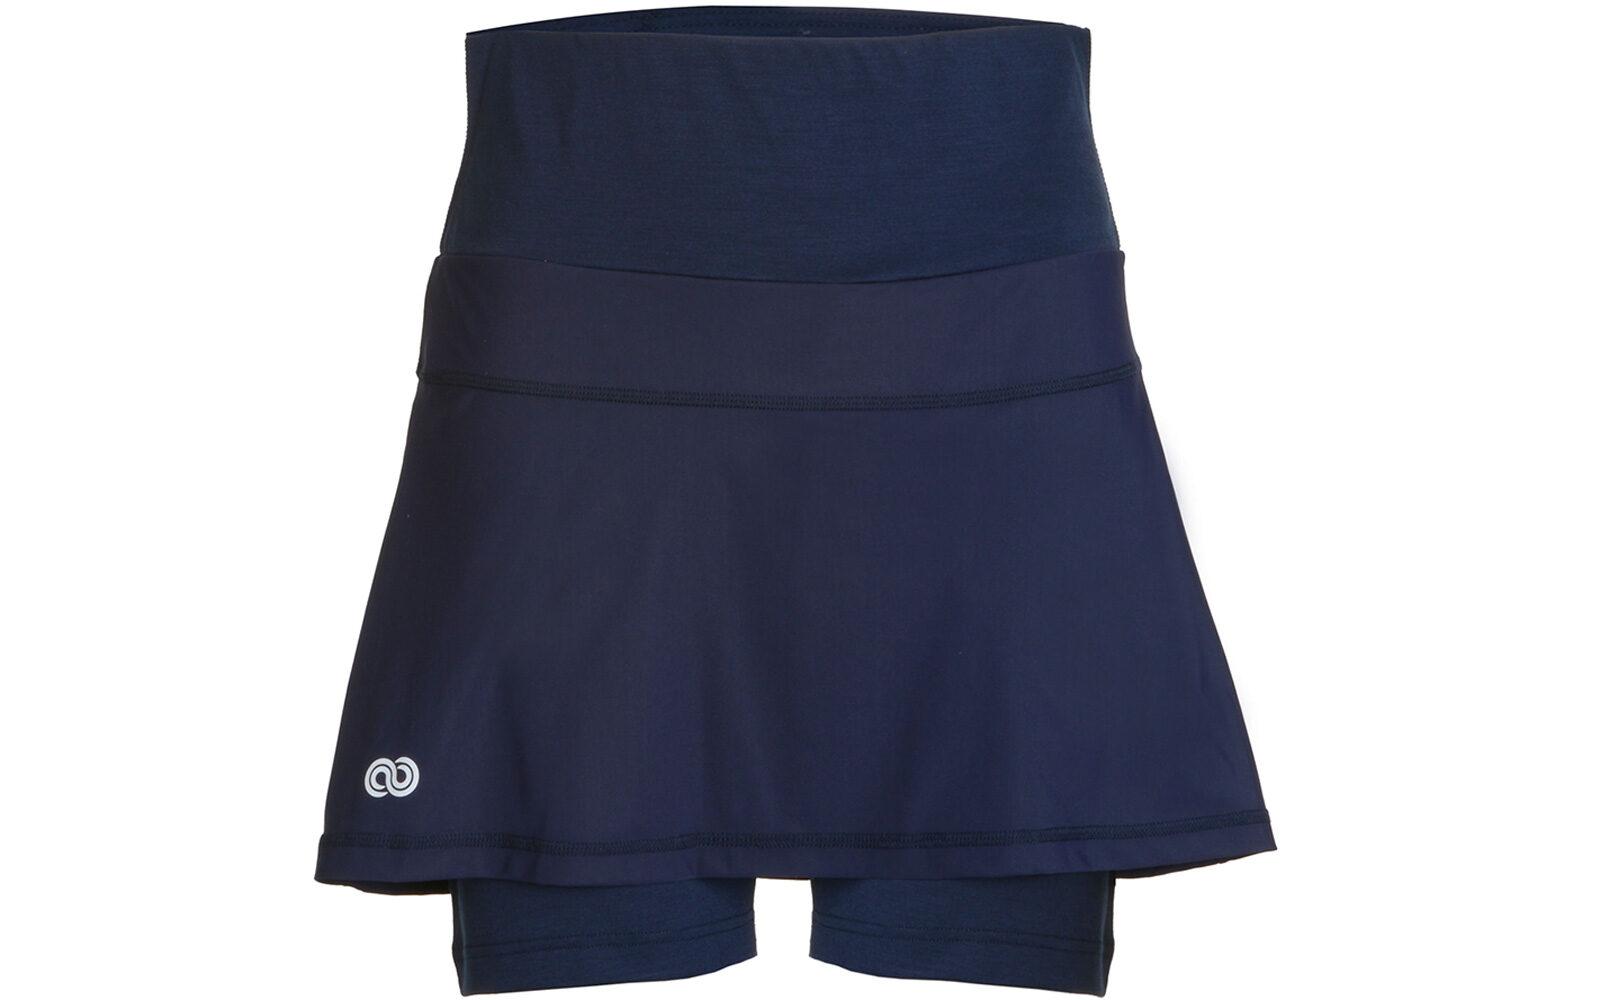 Rewoolution Kaira W's Skirt, in tessuto jersey Reda di lana merino, traspirante, con inserti in Sensitive per accrescere comfort ed elasticità. Euro 90